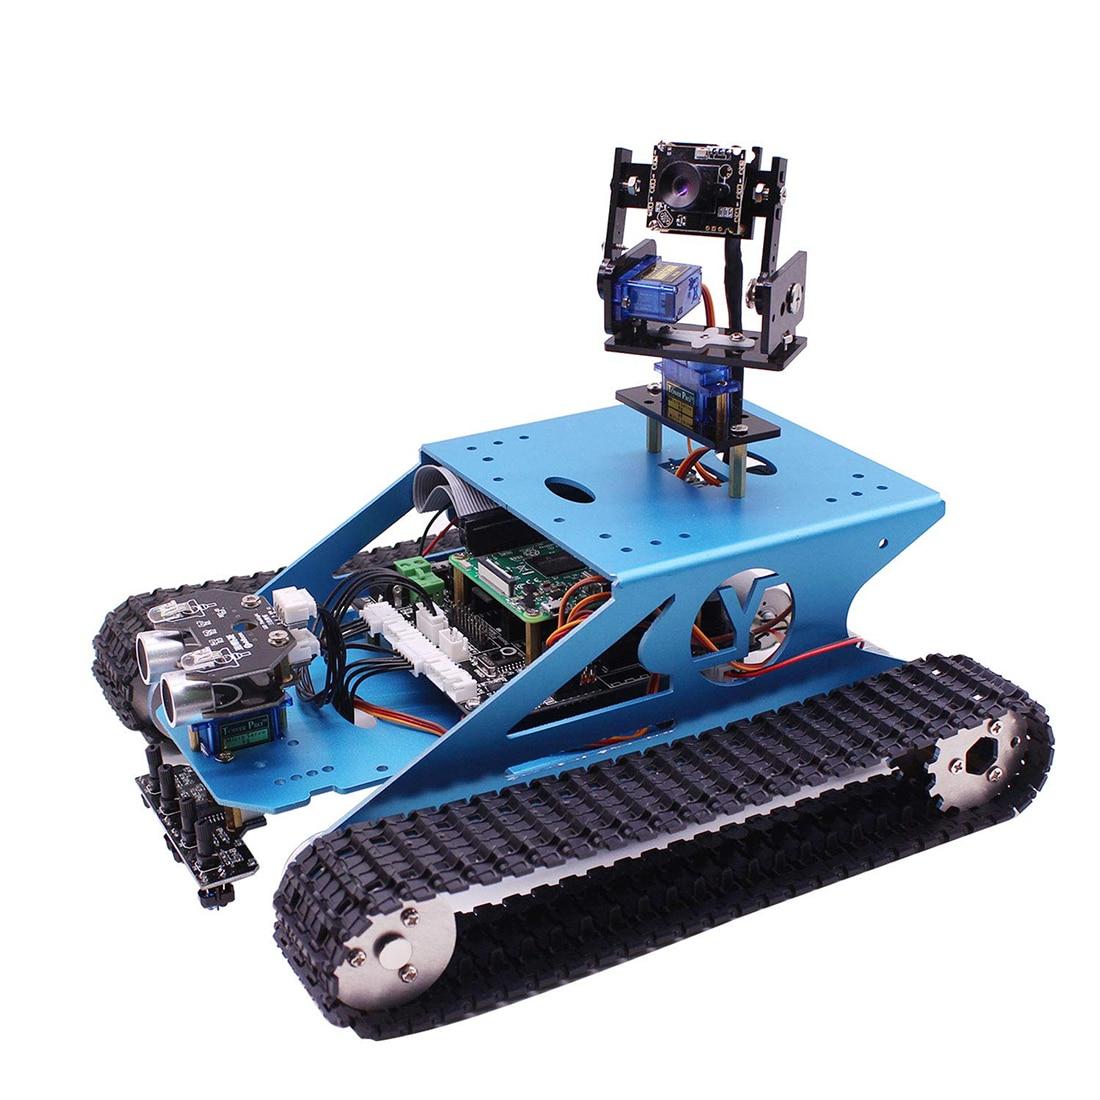 Raspberry Pi Танк умный робот комплект Wi Fi беспроводной видео Программирование электронный DIY Модель Строительный блок Комплект для взрослых